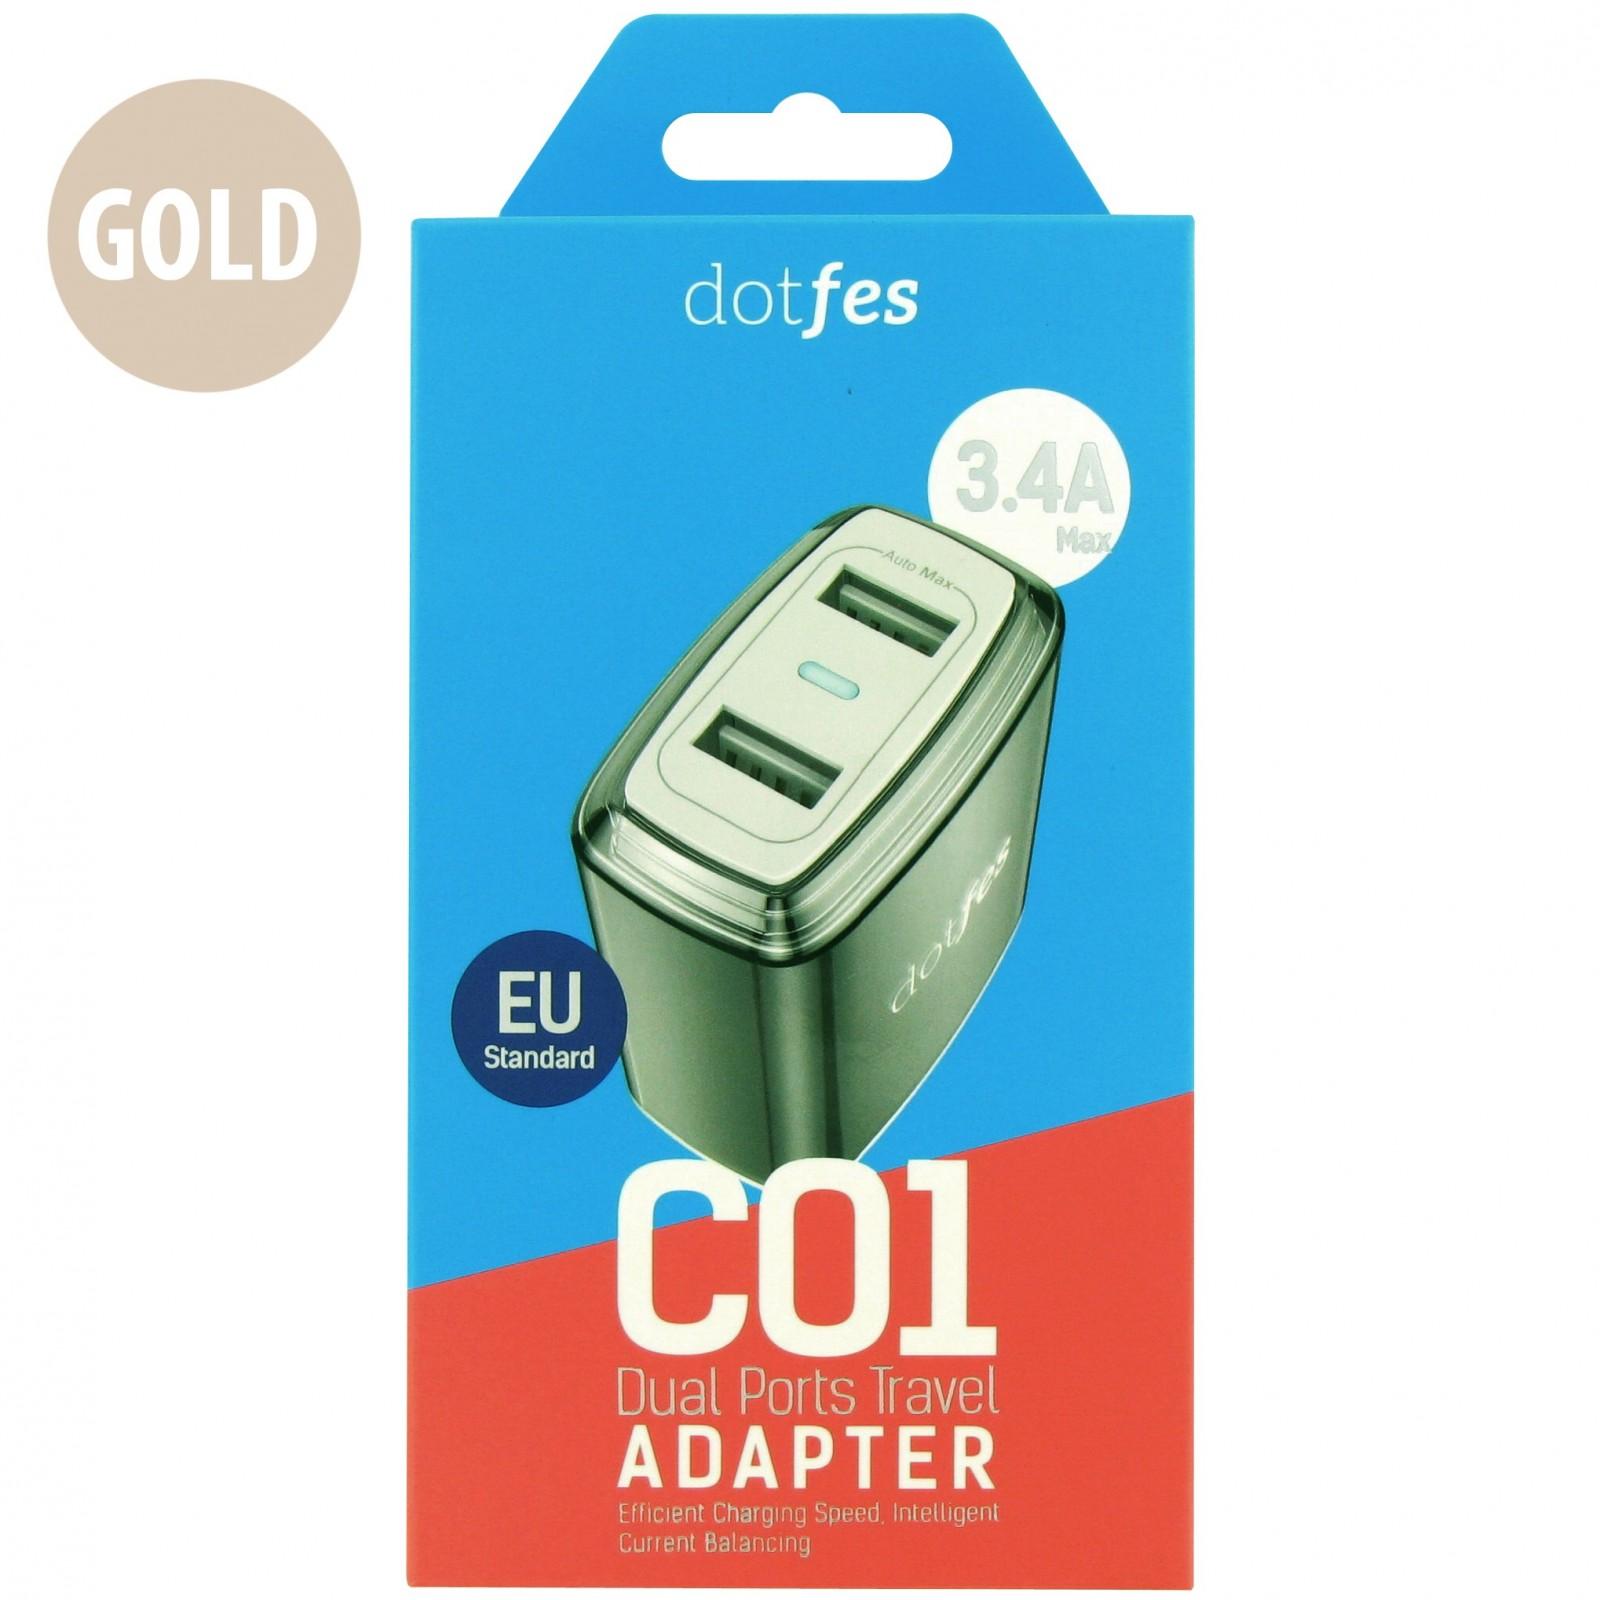 Сетевое зарядное устройство Dotfes C01 2xUSB, 3.4A, Gold зарядное устройство soalr 16800mah usb ipad iphone samsug usb dc 5v computure